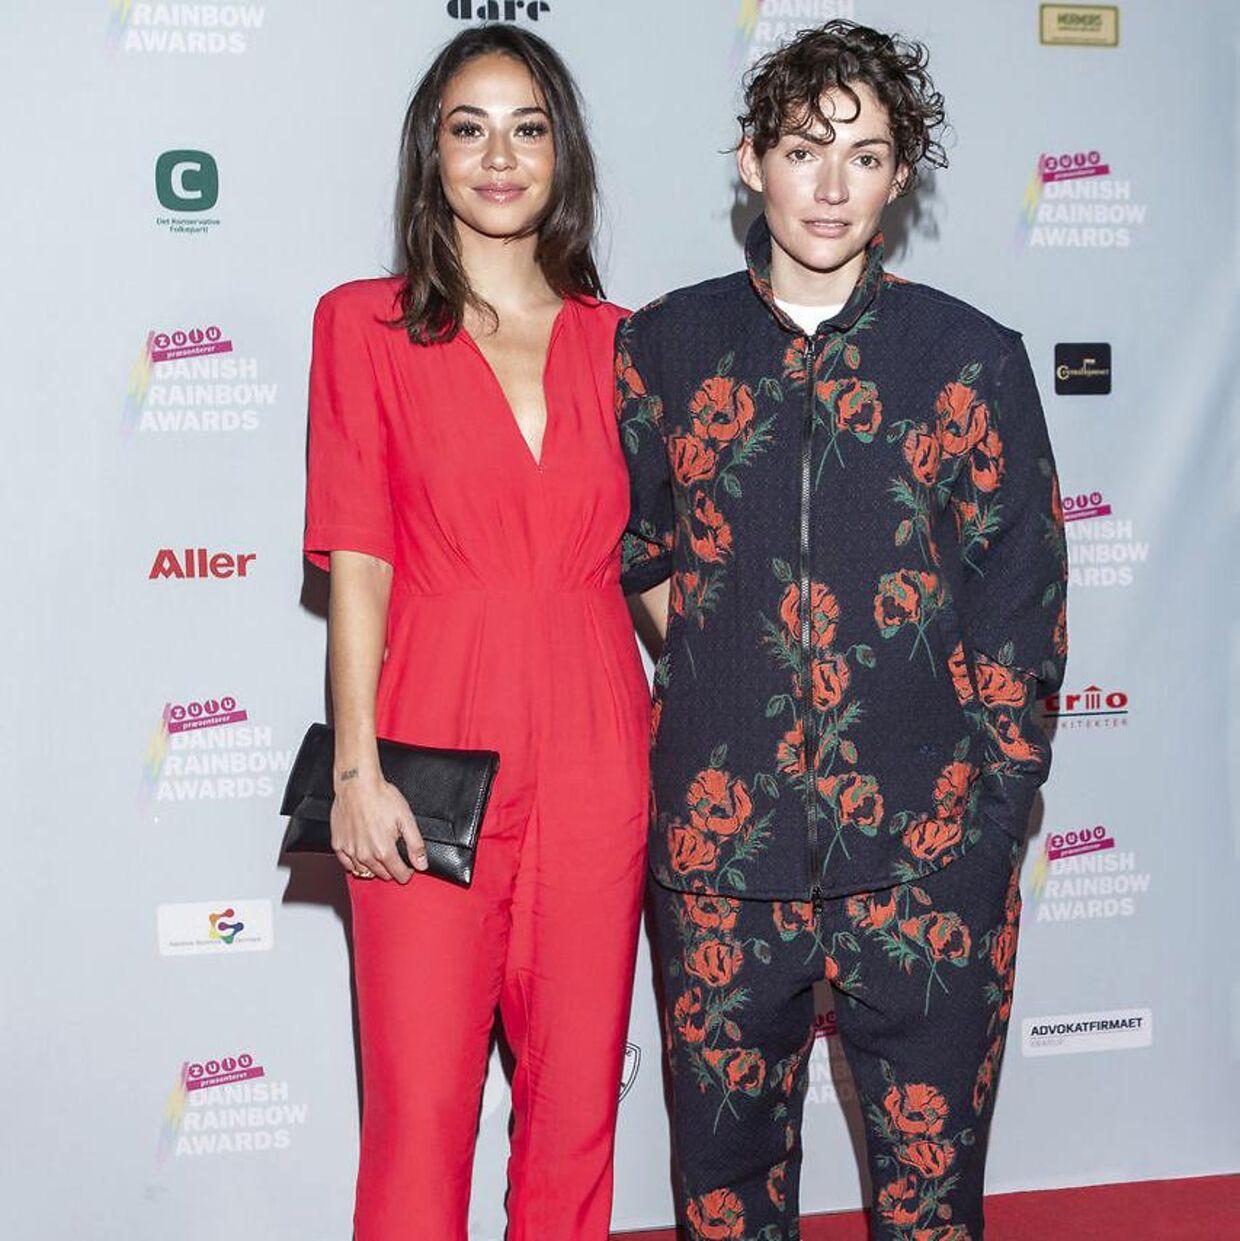 Sus Wilkins og Freja Kirk til Danish Rainbow Awards i 2019.